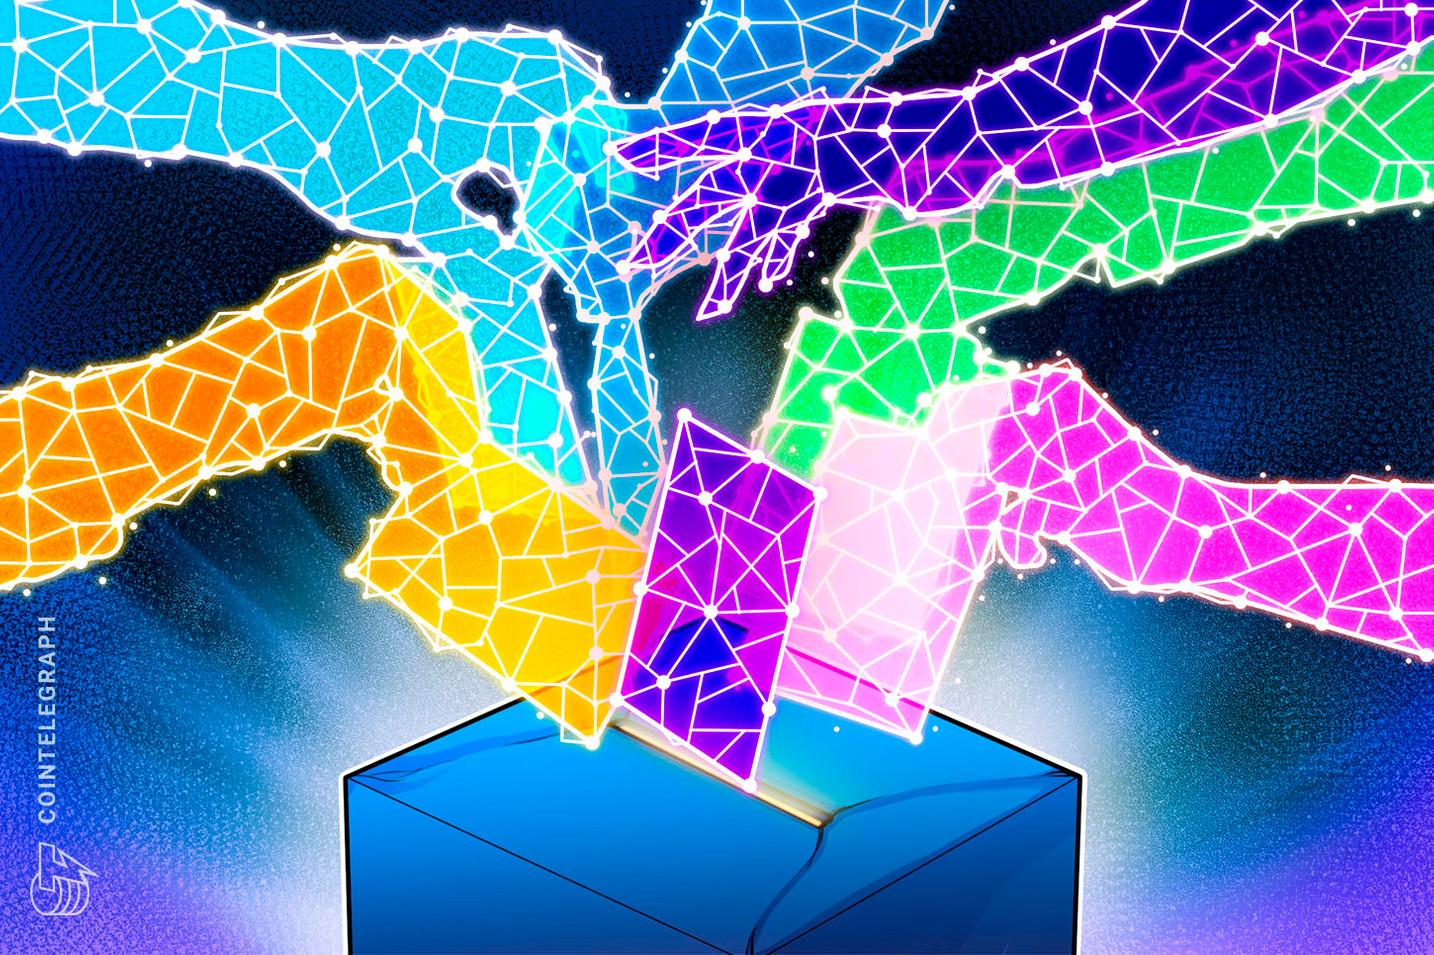 Utah setzt als dritter US-Bundesstaat Blockchain-Wahlsystem ein